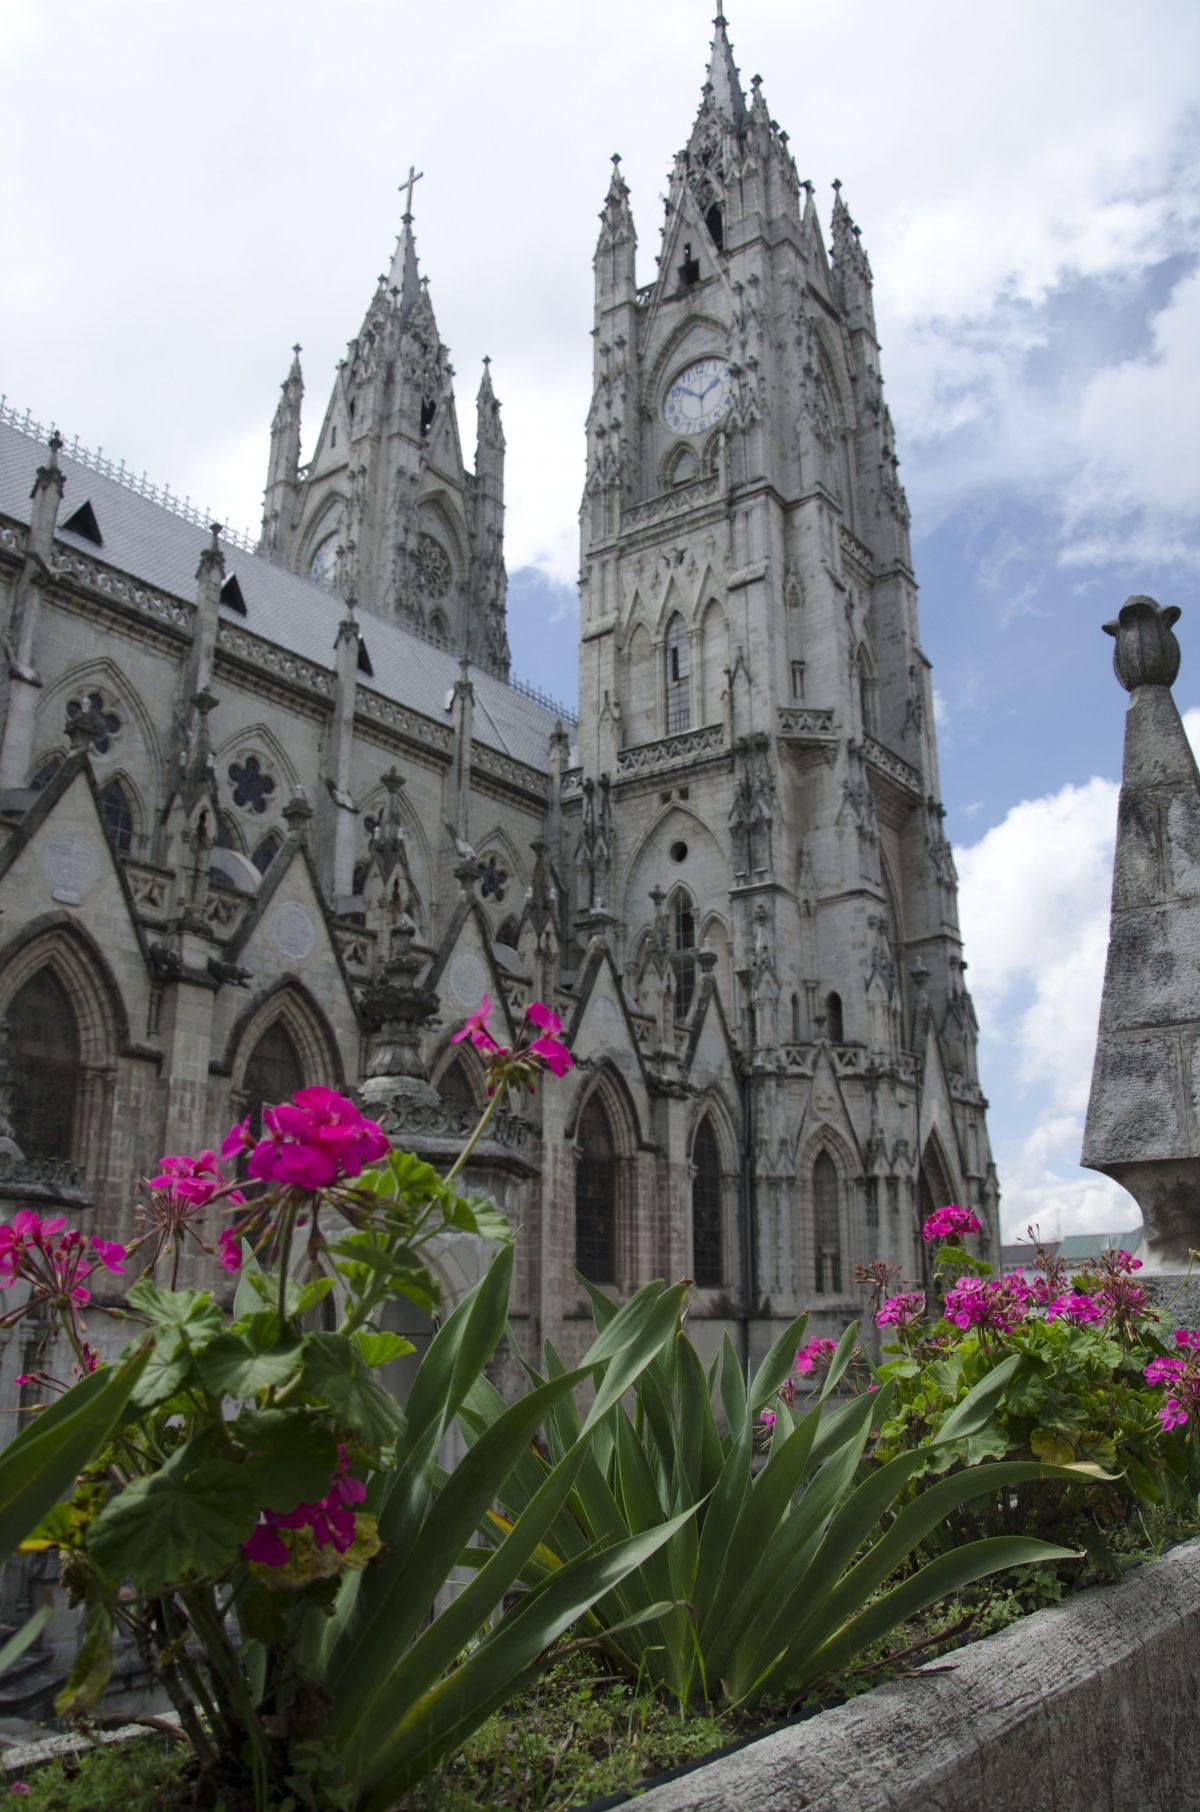 The exterior of the Quito Basilica | ©Angela Drake